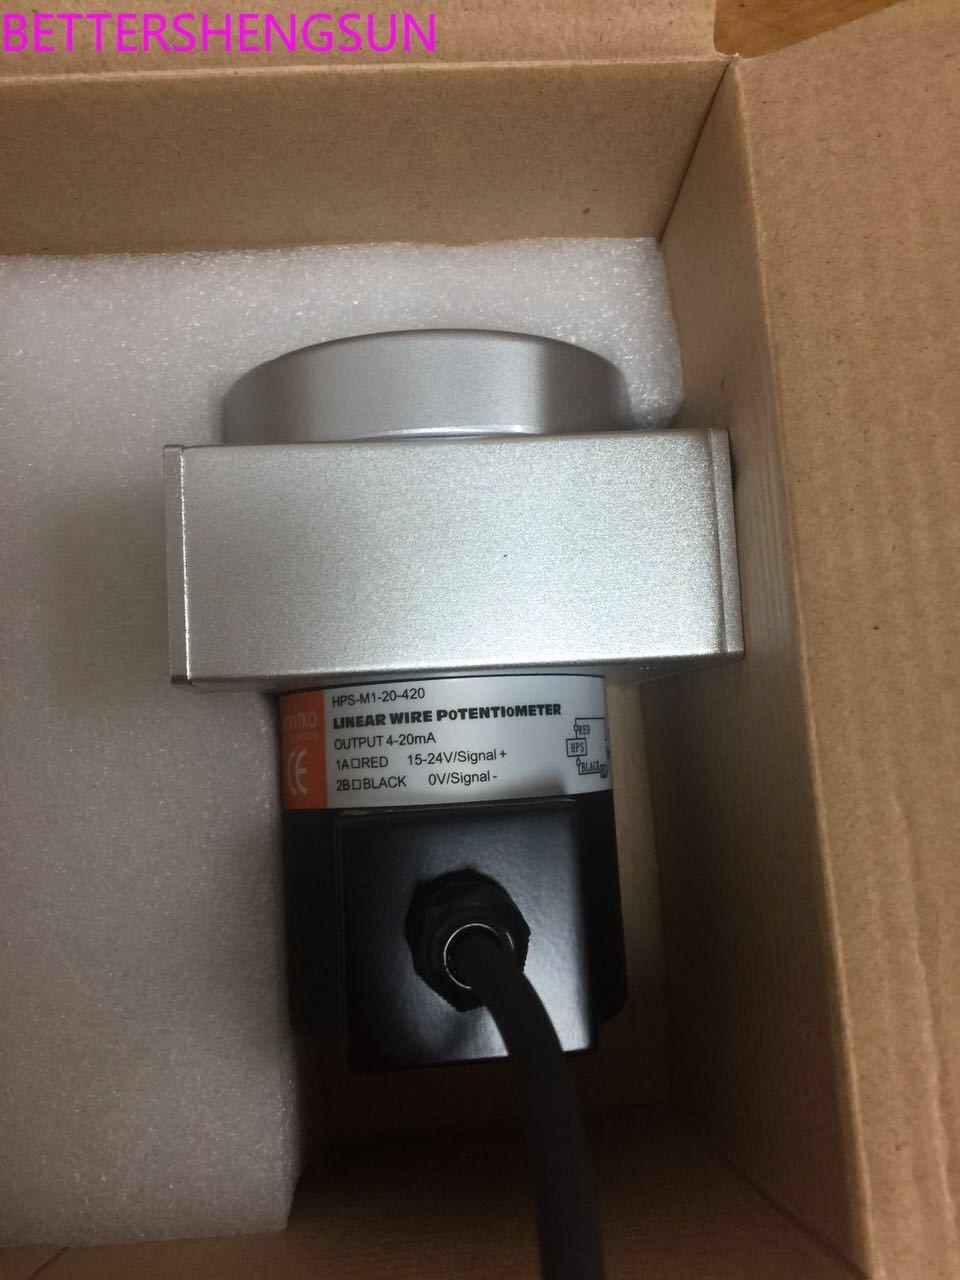 Ziehen draht sensor position HPS-M1-20-420